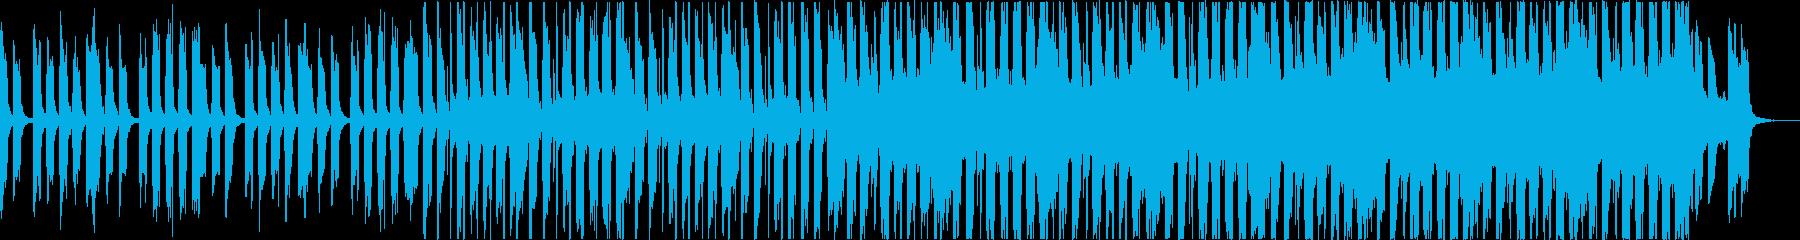 爽やかおしゃれかわいい軽快なボサノバbの再生済みの波形